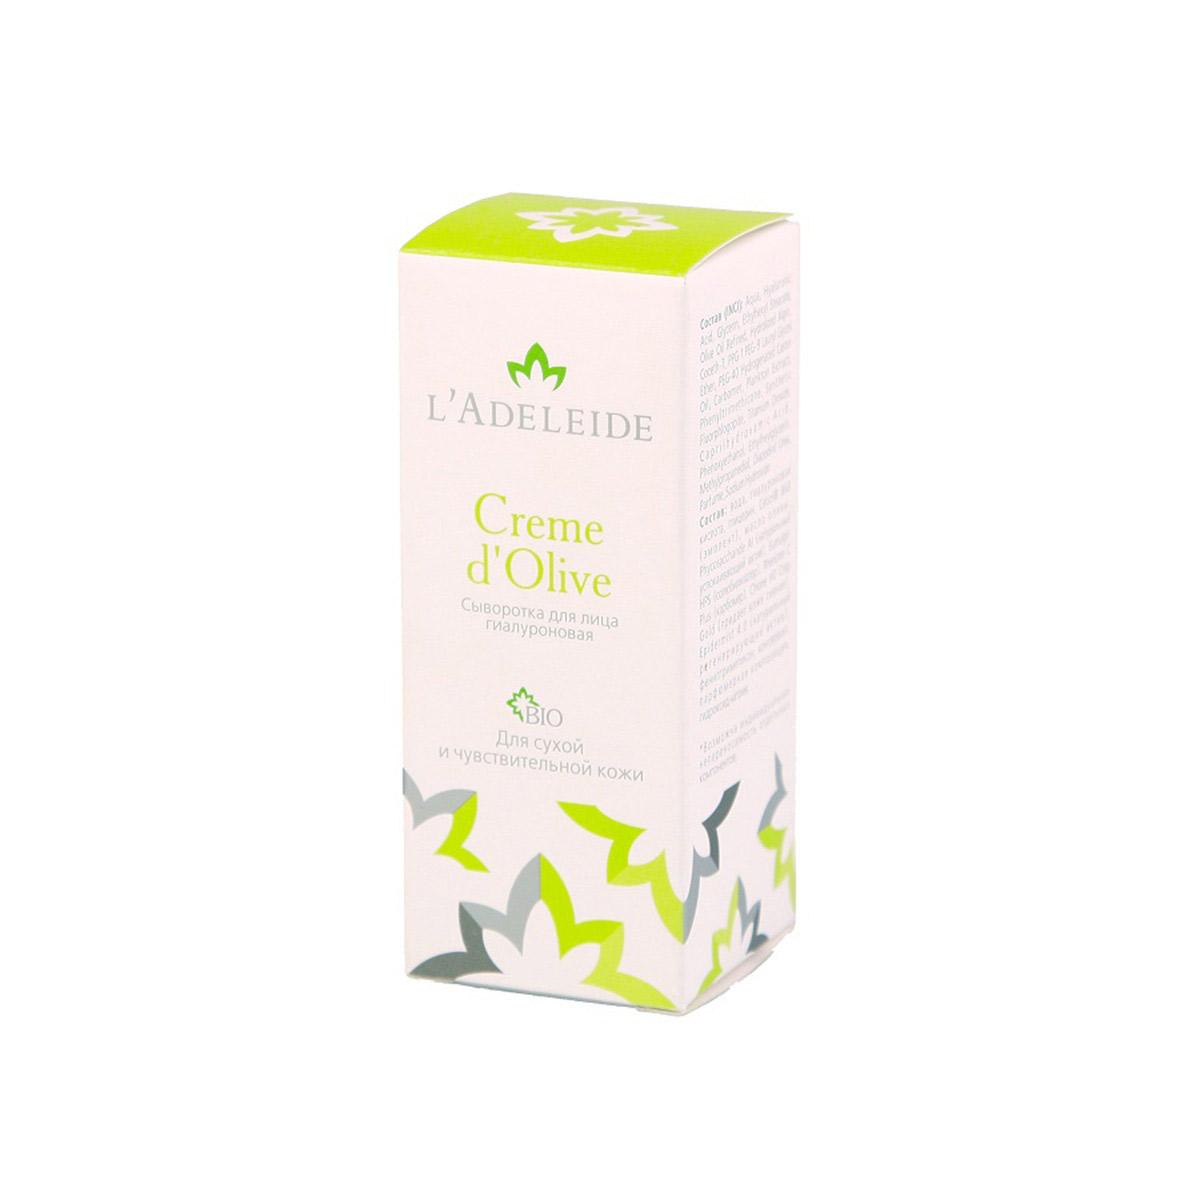 LAdeleide Сыворотка для лица гиалуроновая Creme d'Olive, 15 млКС-412Сыворотка L'Adeleide Creme d'Olive - это сочетание новейших компонентов для сухой и чувствительной кожи в максимальной концентрации. Экспресс-уход для восстановления кожи. В составе растительные стволовые клетки и микрочастицы, которые повышают эластичность, способствуют разглаживанию морщин, тон кожи выравнивается. Кожа приобретает сияние молодости. Средство не предназначено для использования каждый день, из-за очень сильного эффекта. Его лучше всего использовать как скорую помощь при раздражении и сухости кожи. В основе невероятной эффективности крема: Phycosaccharide Al – мгновенно (!) снимает раздражение. Epidermist 4.0 - Создатель новой кожи. Активно стимулирует создание обновленных клеток эпидермиса, активизирует естественную защиту кожи, подавляет рост Pro-acne бактерий. Гиалуроновая кислота – (высоко- и низкомолекулярная, растительного происхождения) – один из лучших увлажняющих компонентов. Масло Оливы - традиционный оживляющий компонент.